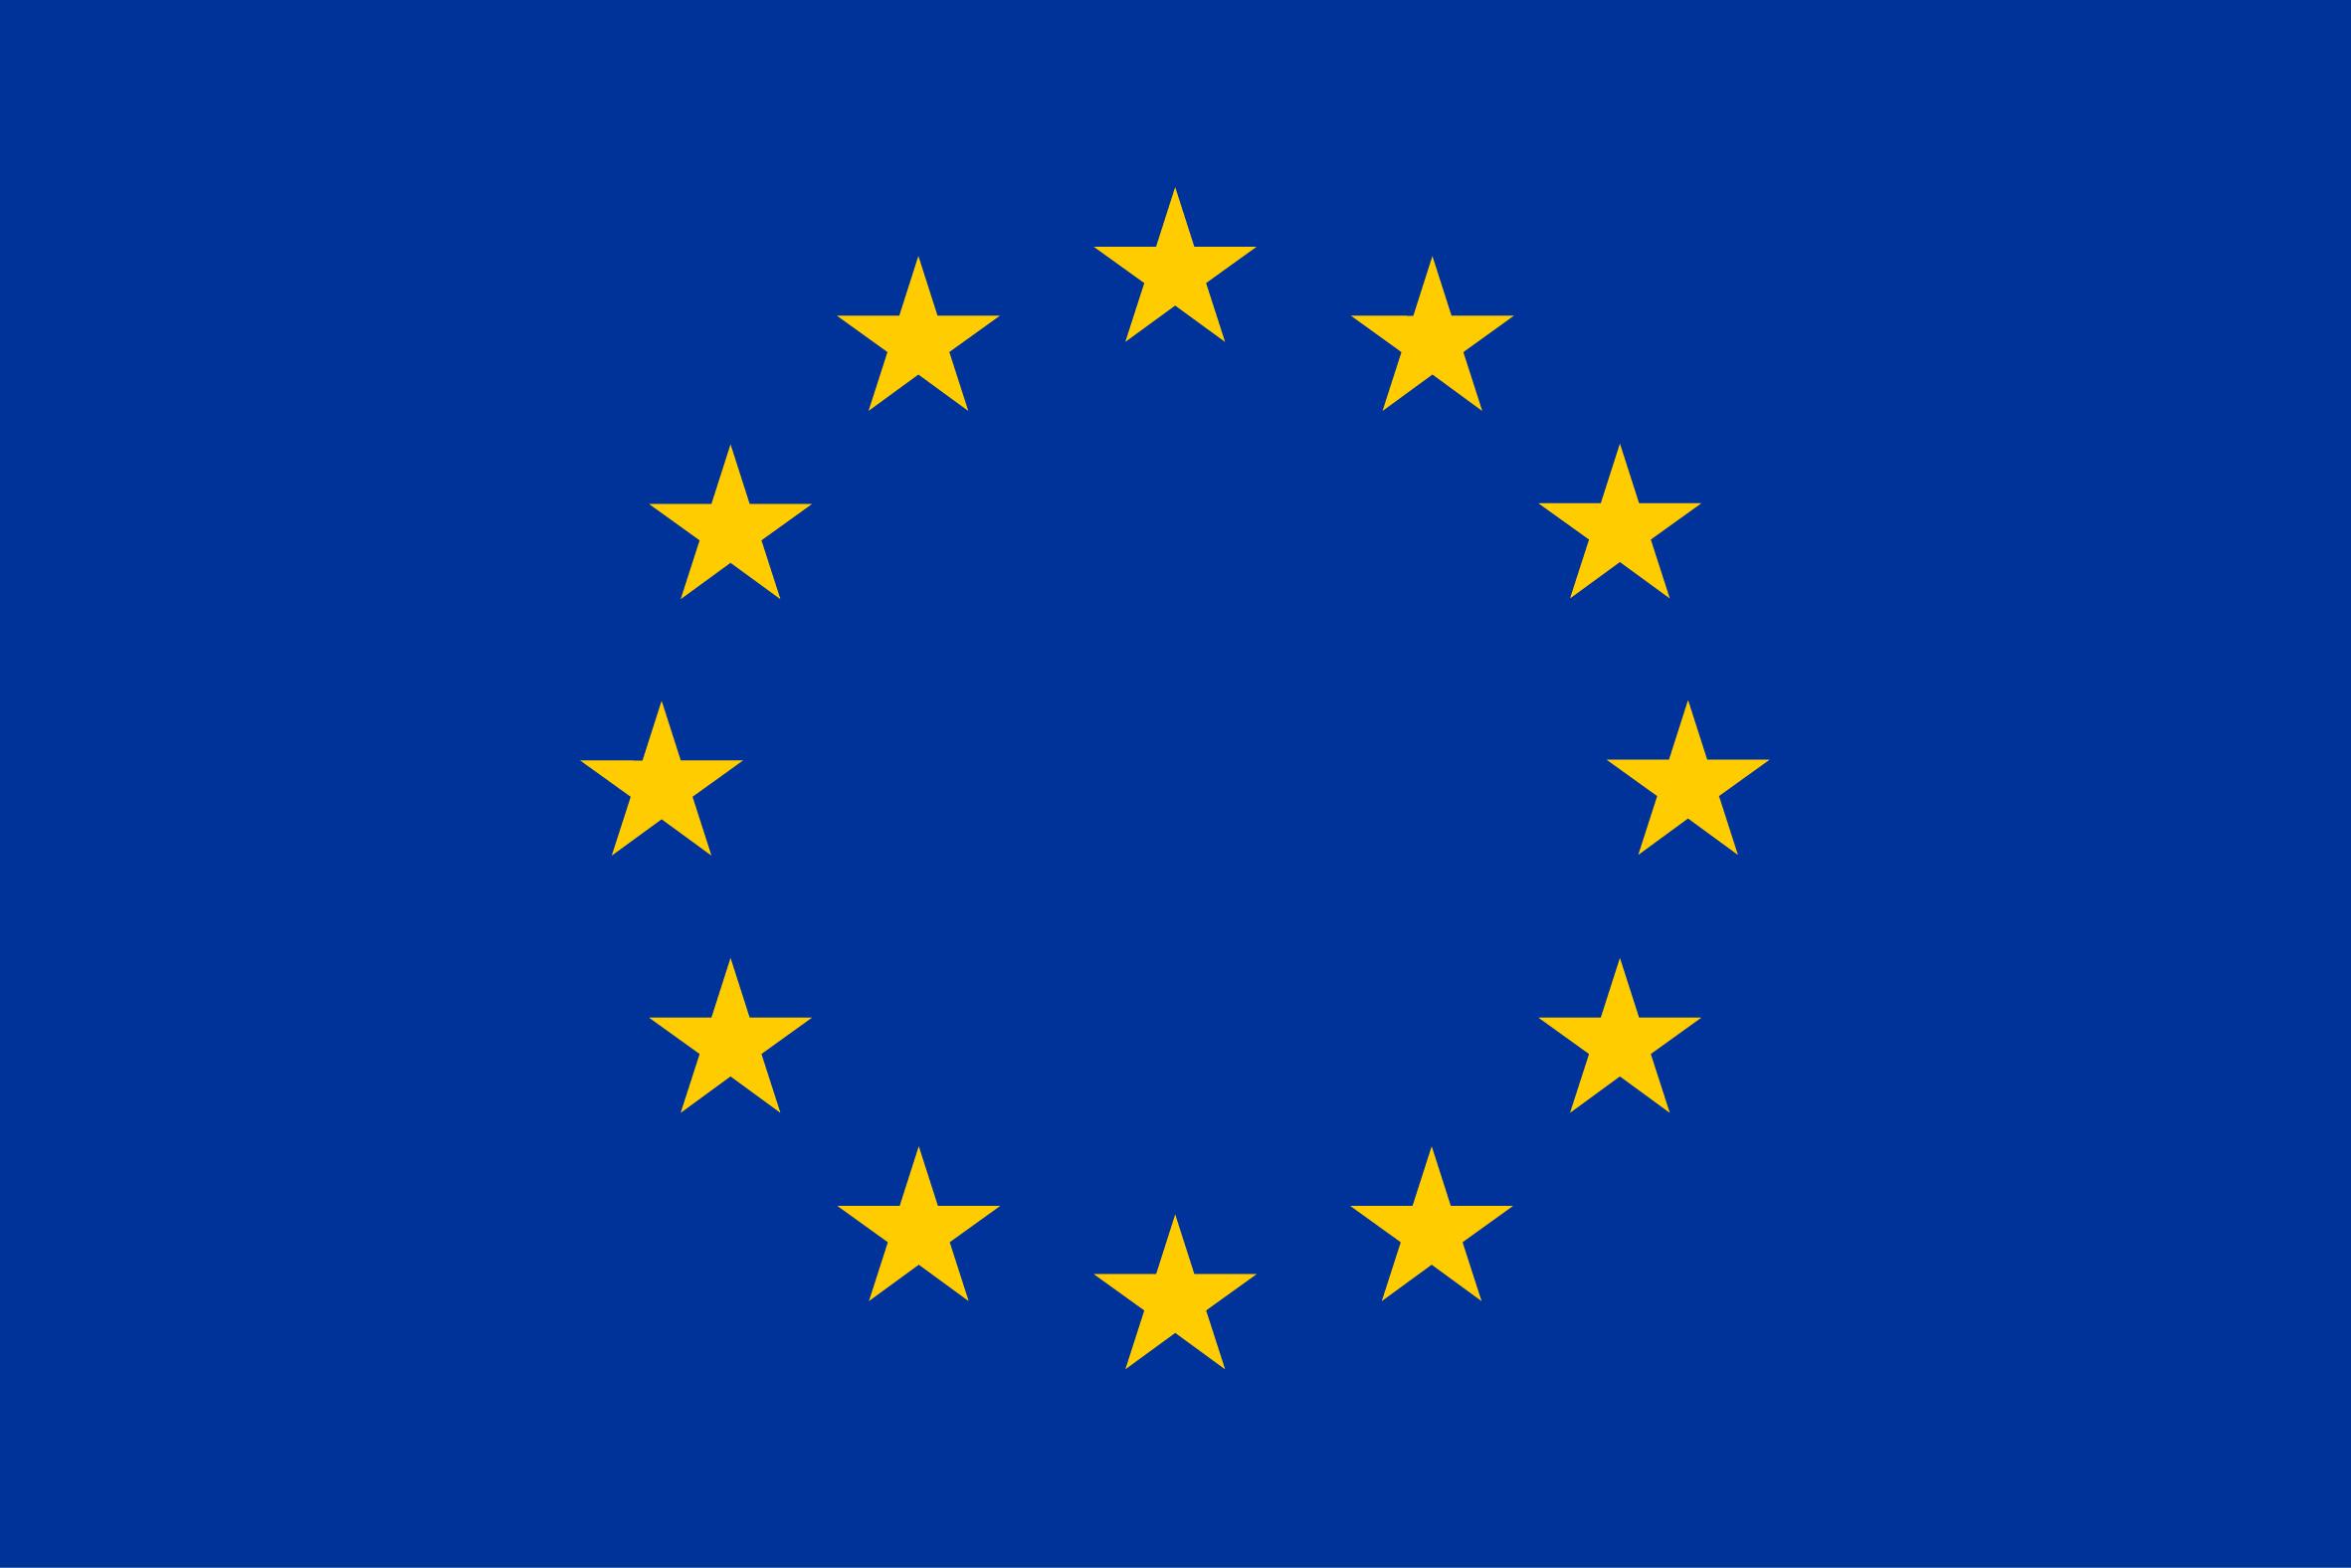 Le Drapeau Européen | Union Européenne tout Drapeaux Européens À Imprimer